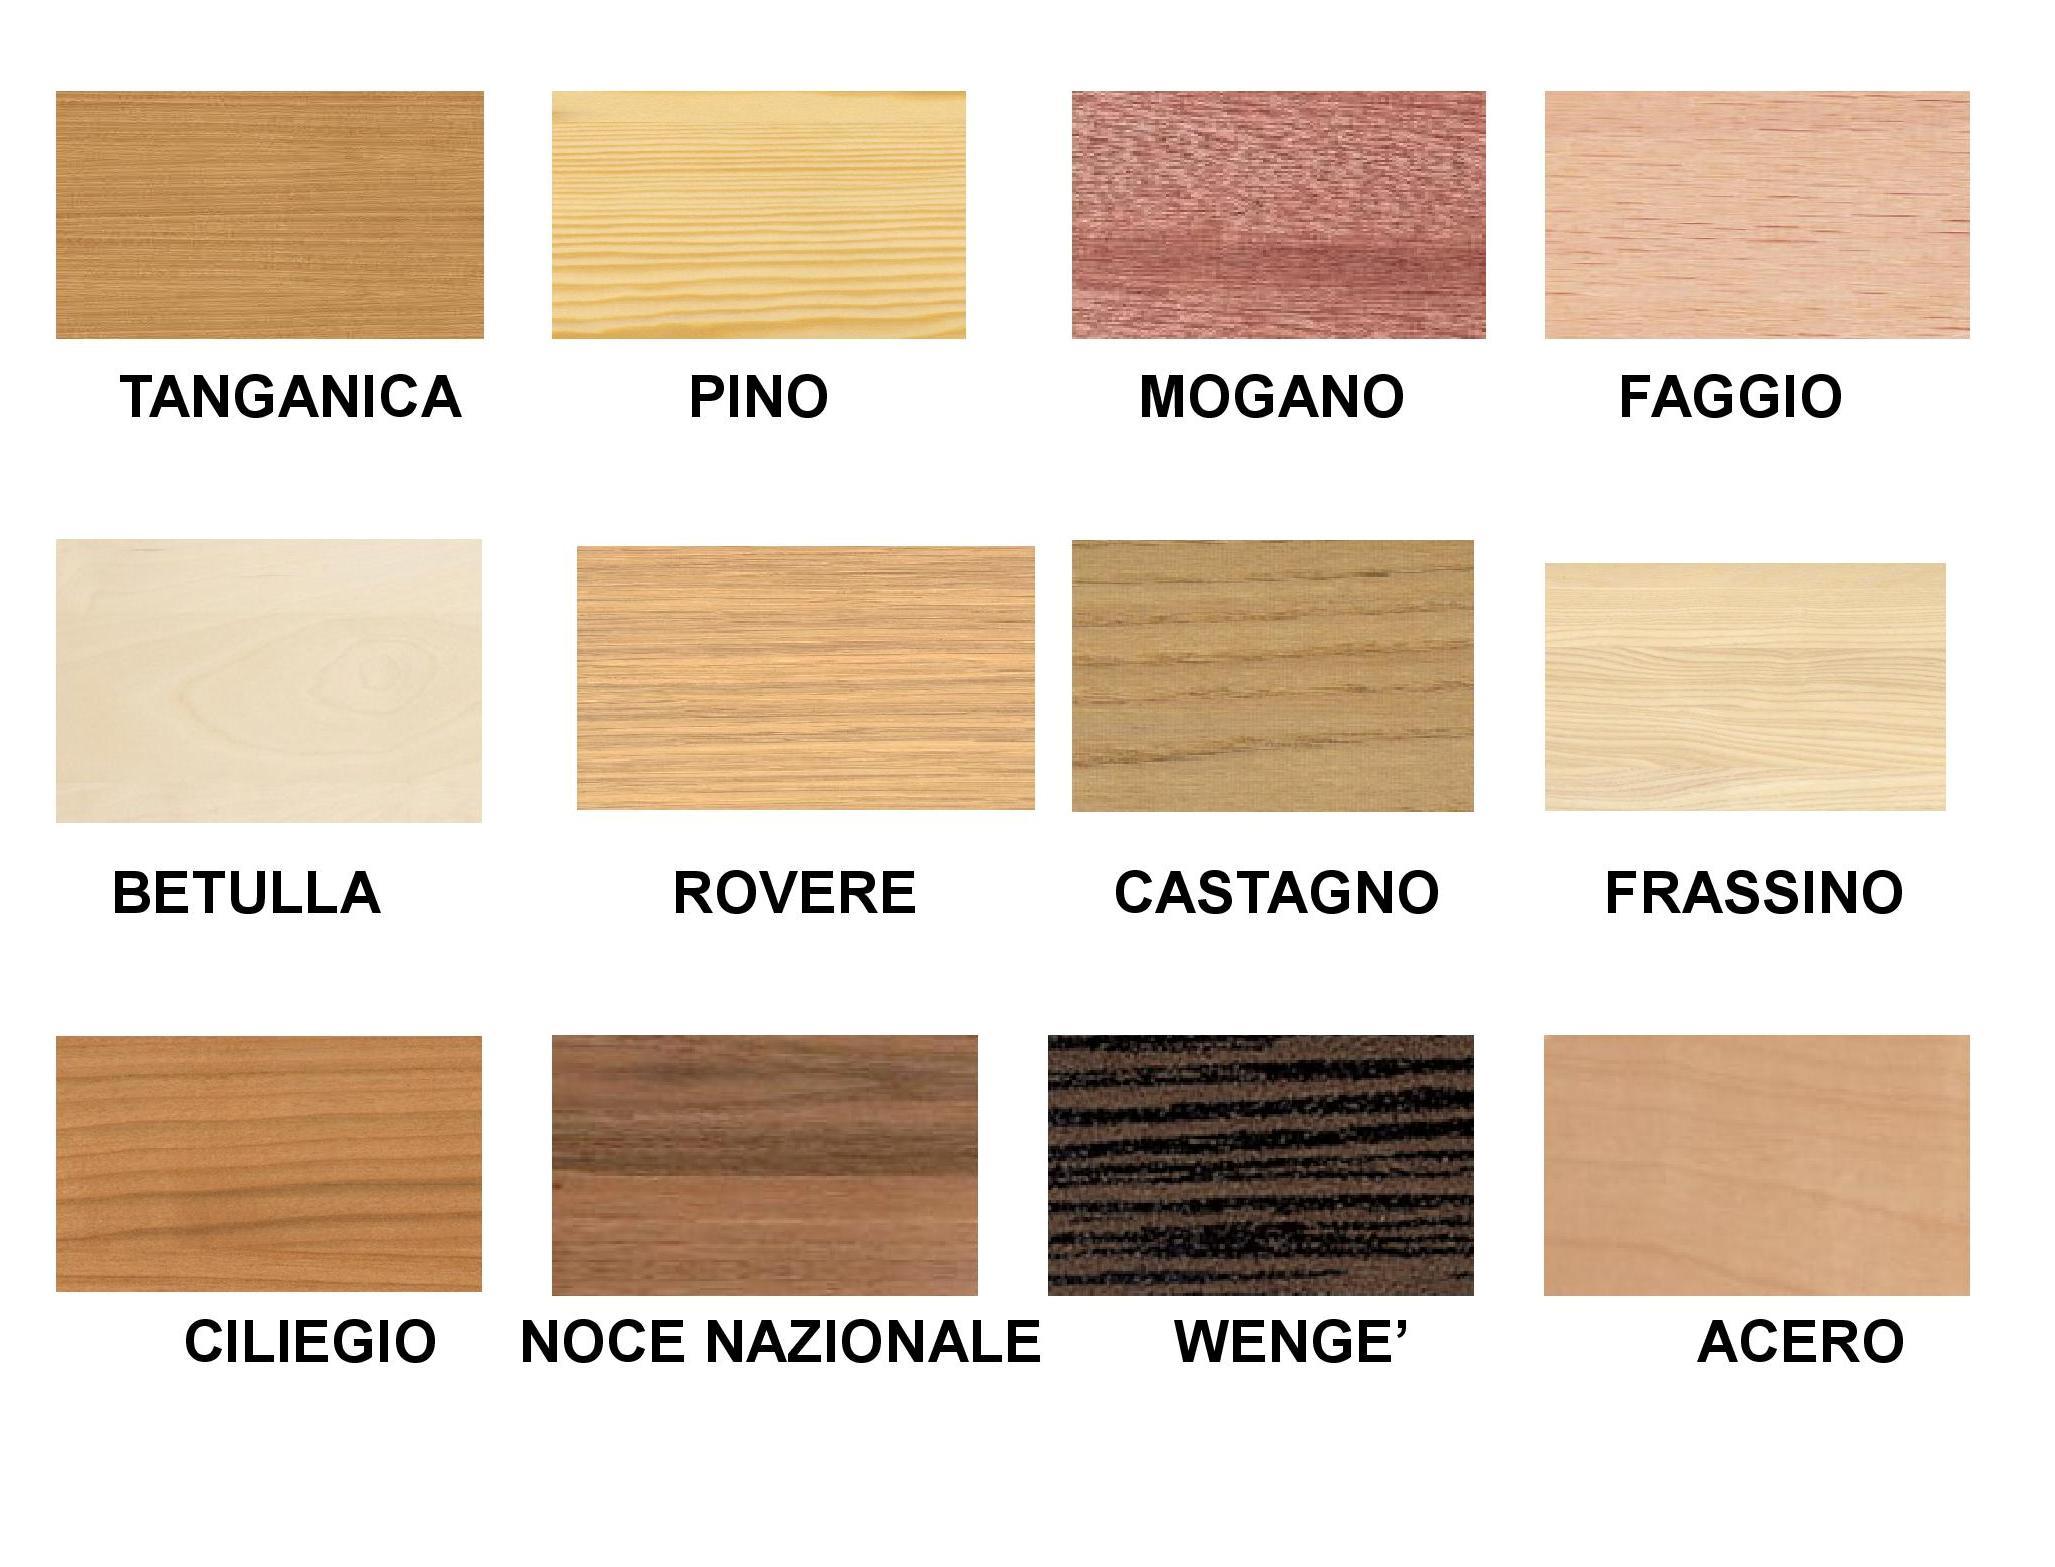 Squarcina essenze e guarnizioni squarcina - Colori mobili legno ...